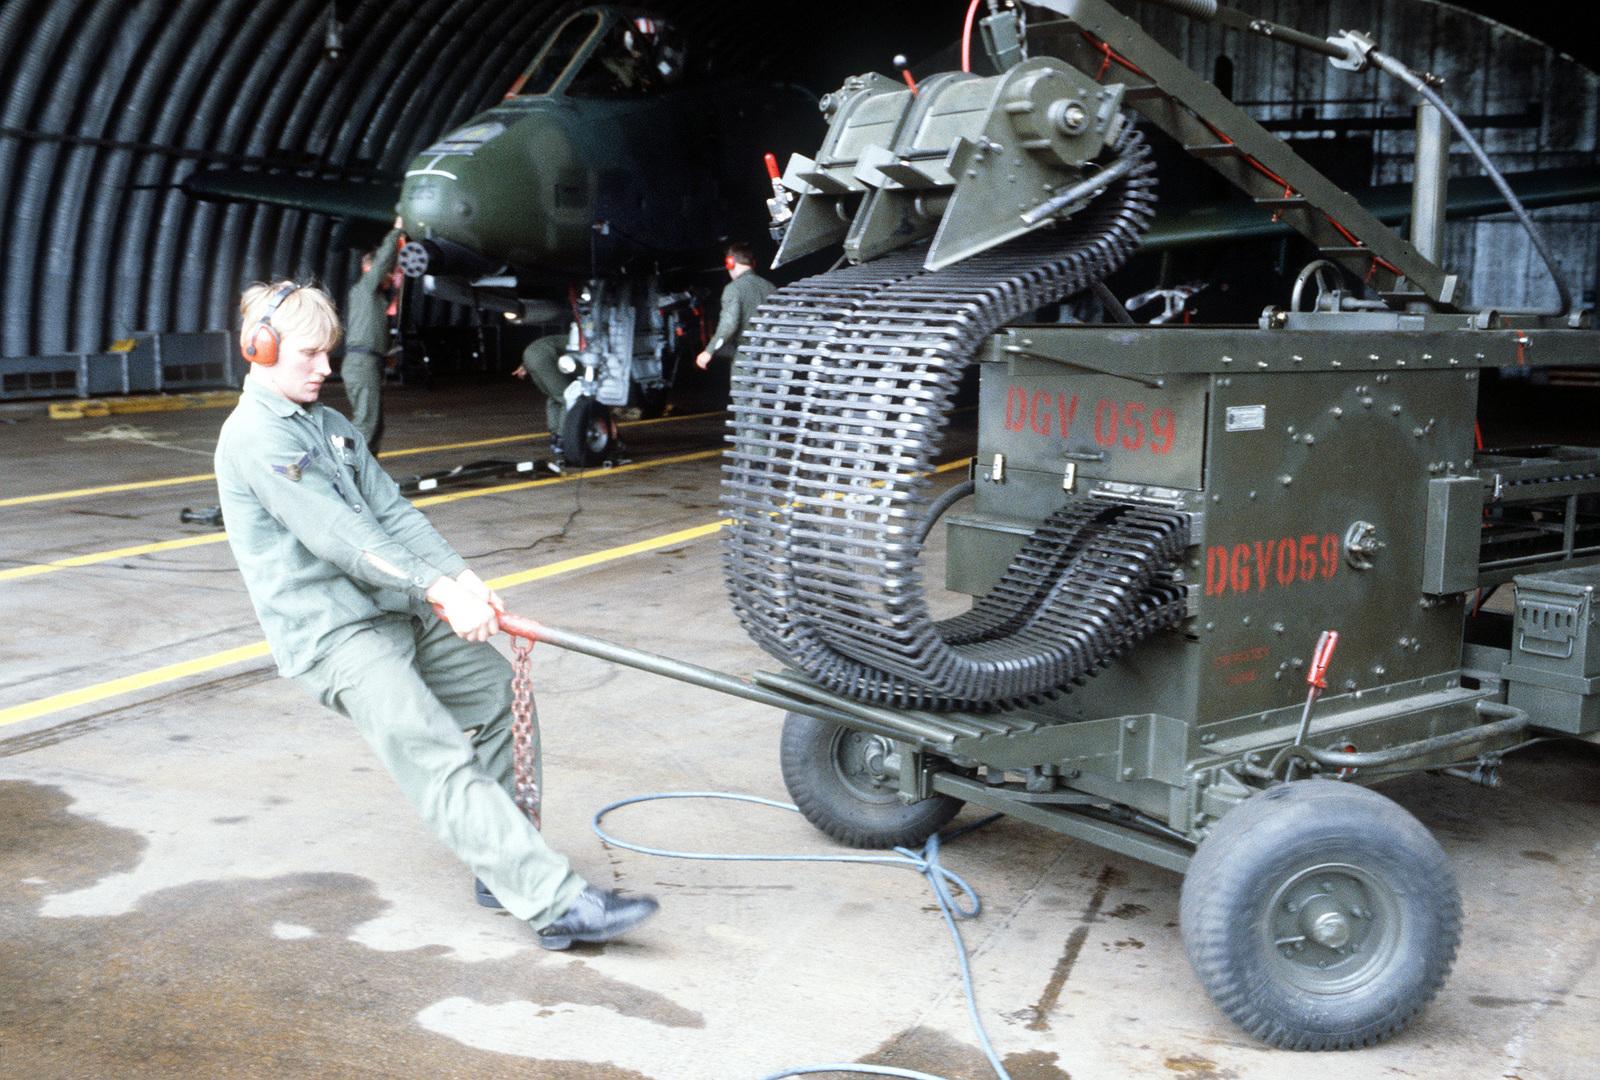 A munitions maintenance specialist pulls an ammunition